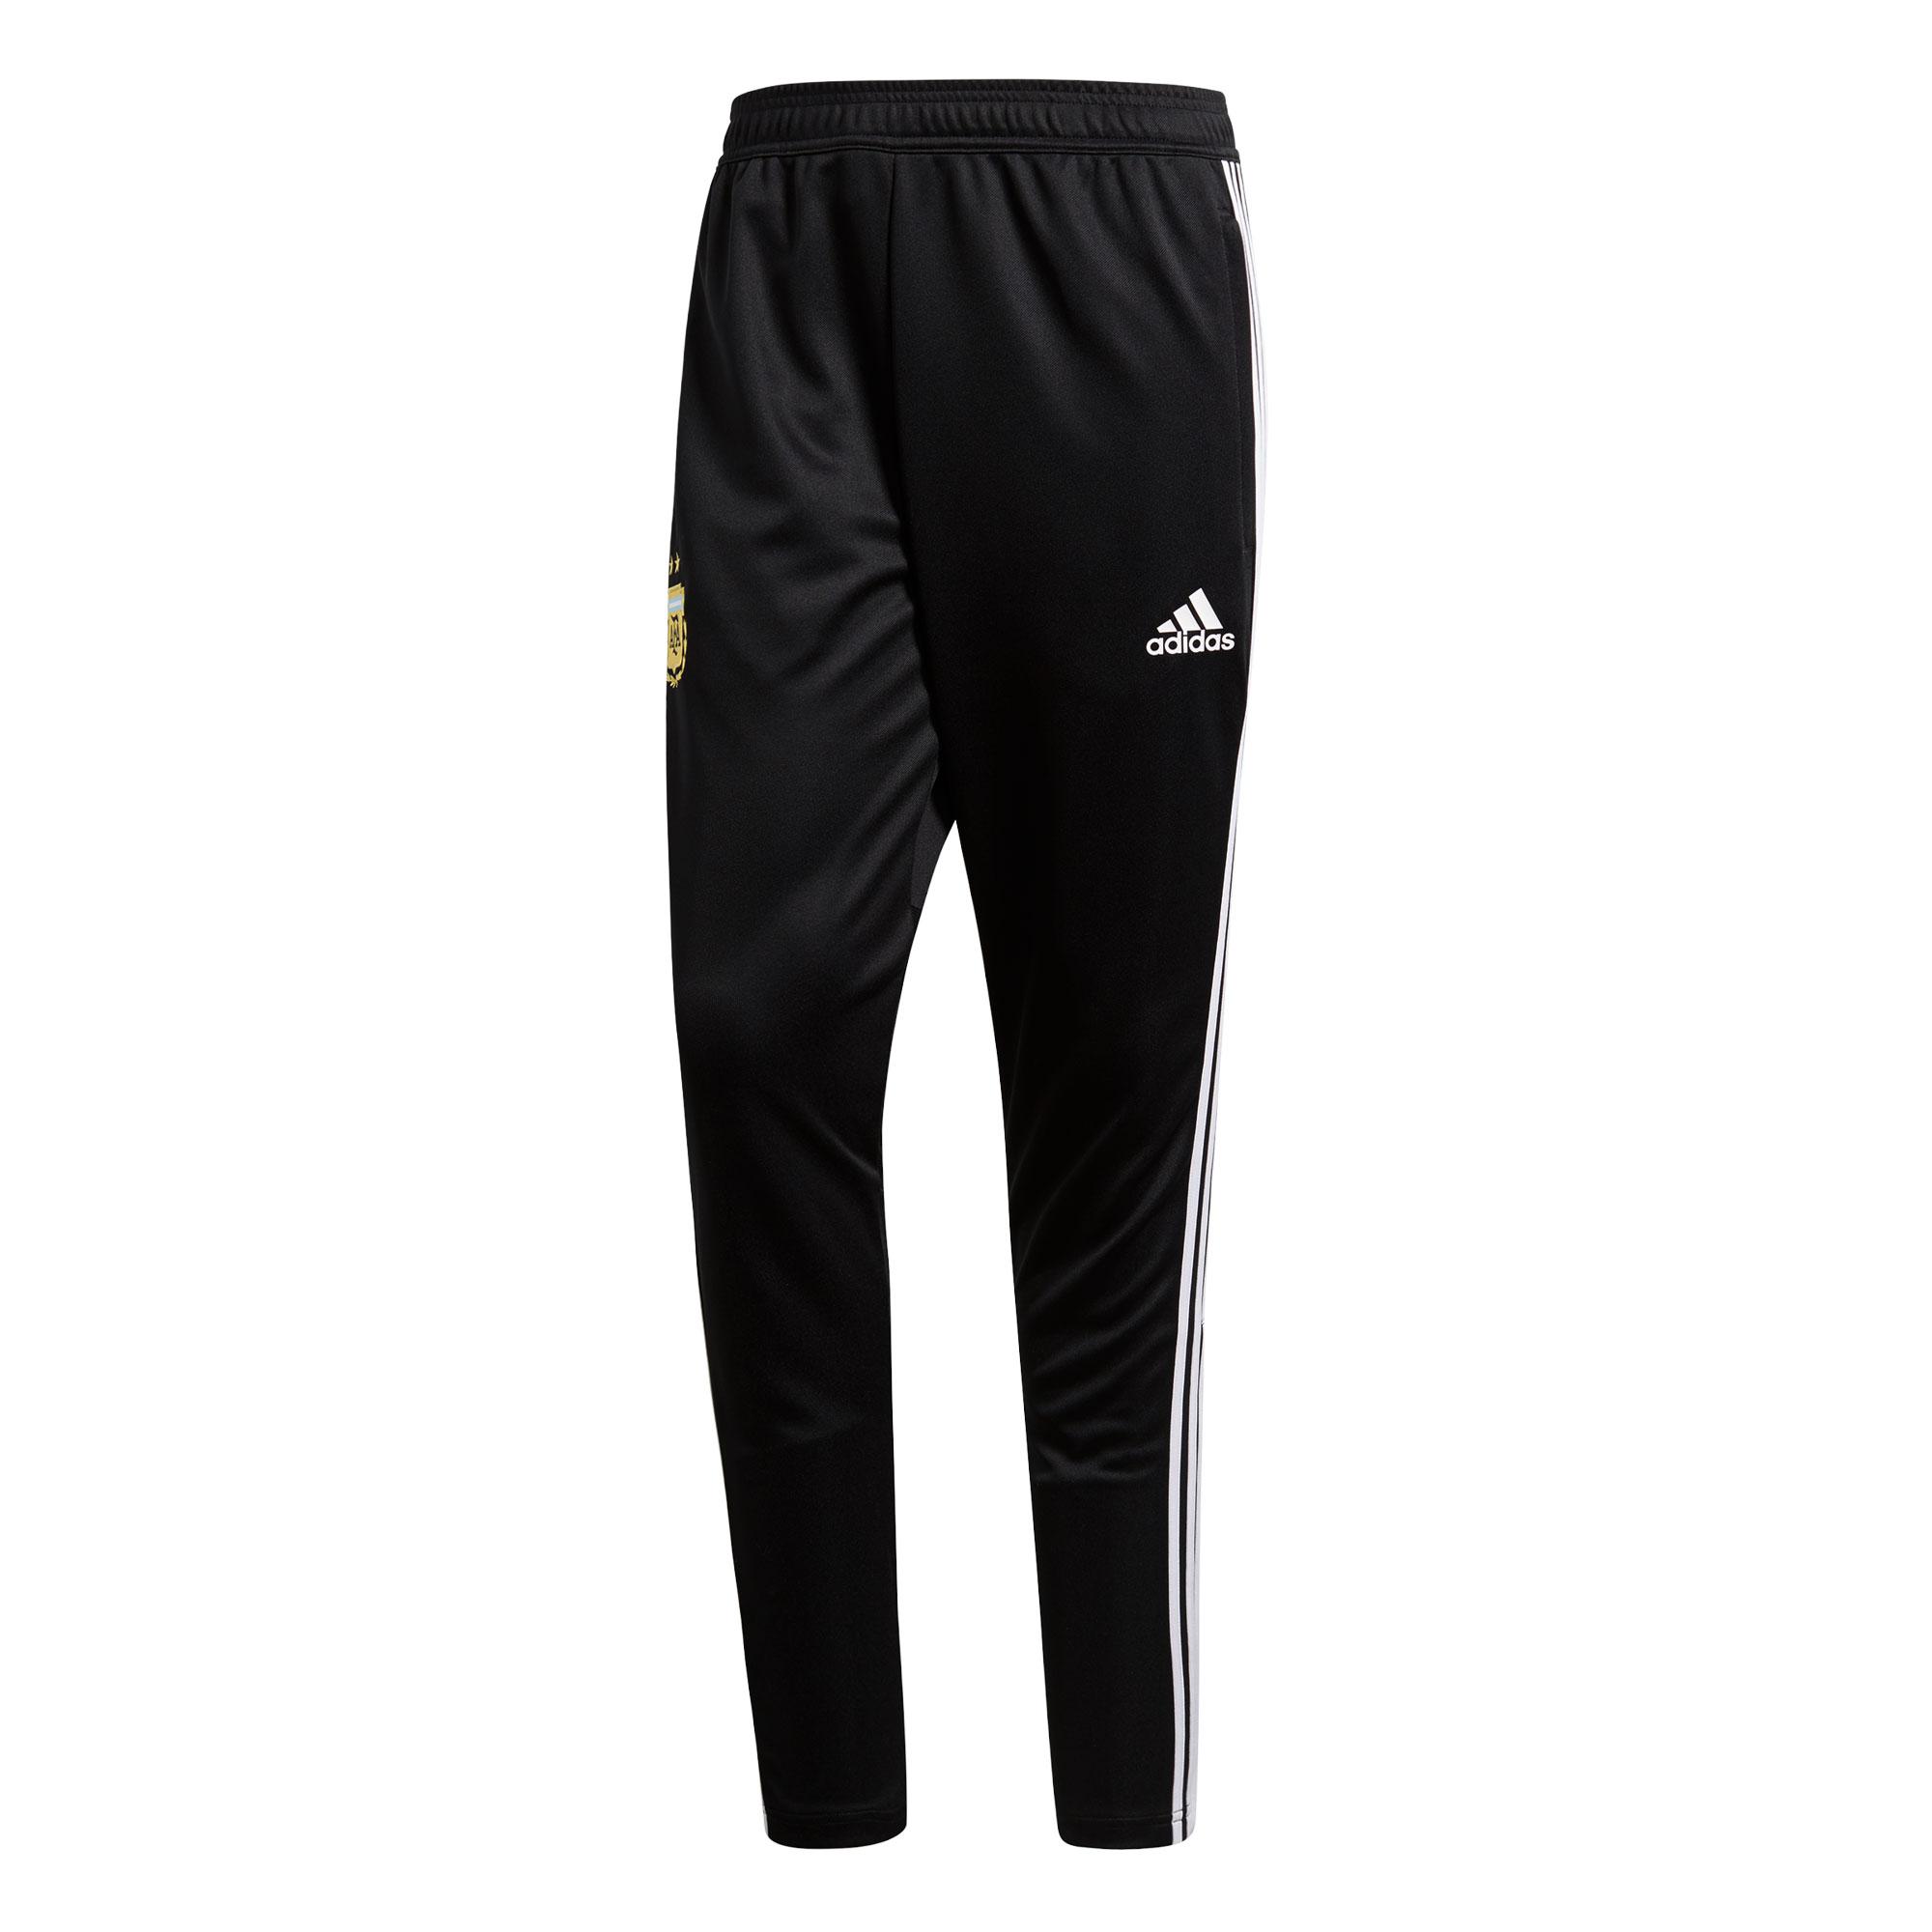 Argentina Training Pants 2018 / 2019 - Black/White - 50